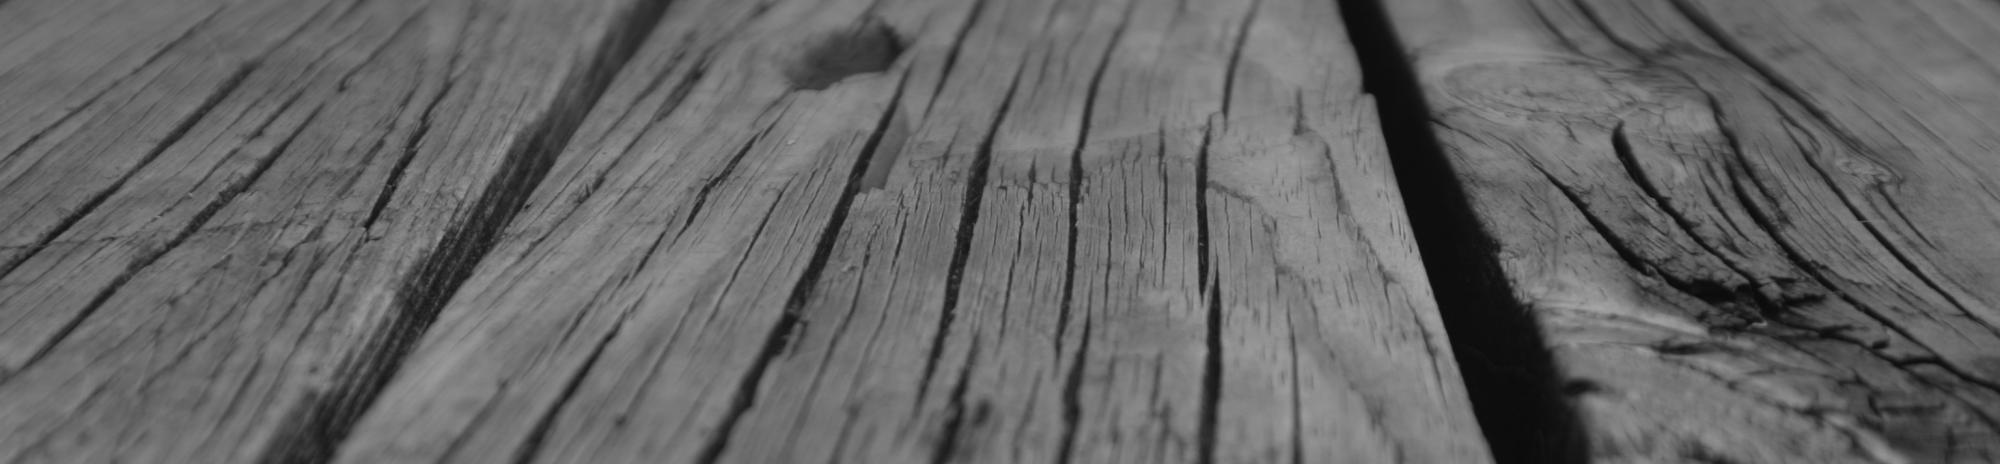 Wood-planks-IMG_8841